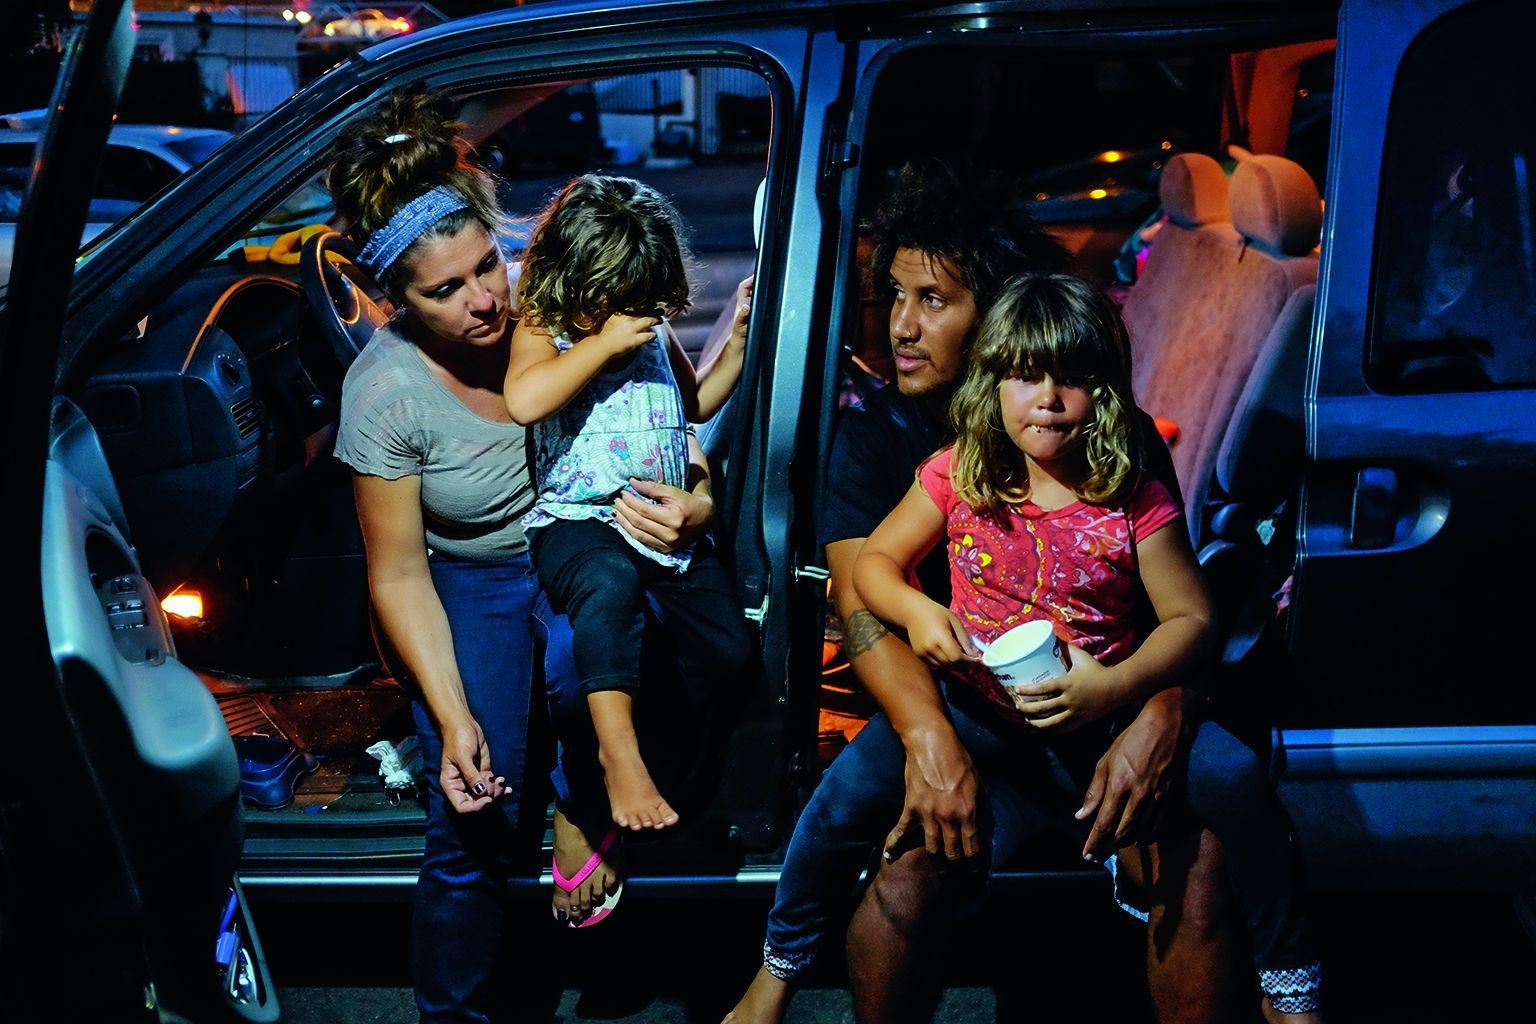 在聖地牙哥市金嶺住宅區的一座「安全停車場」,蘿拉.齊塔姆抱著女兒溫蕾,德里克.亞歷山大抱著另一名較大的女兒梅貝爾,坐在他們兼以為家的廂型車中。這家人在2018年12月終於找到一間負擔得起的公寓。PHOTO: JOHN GASTALDO